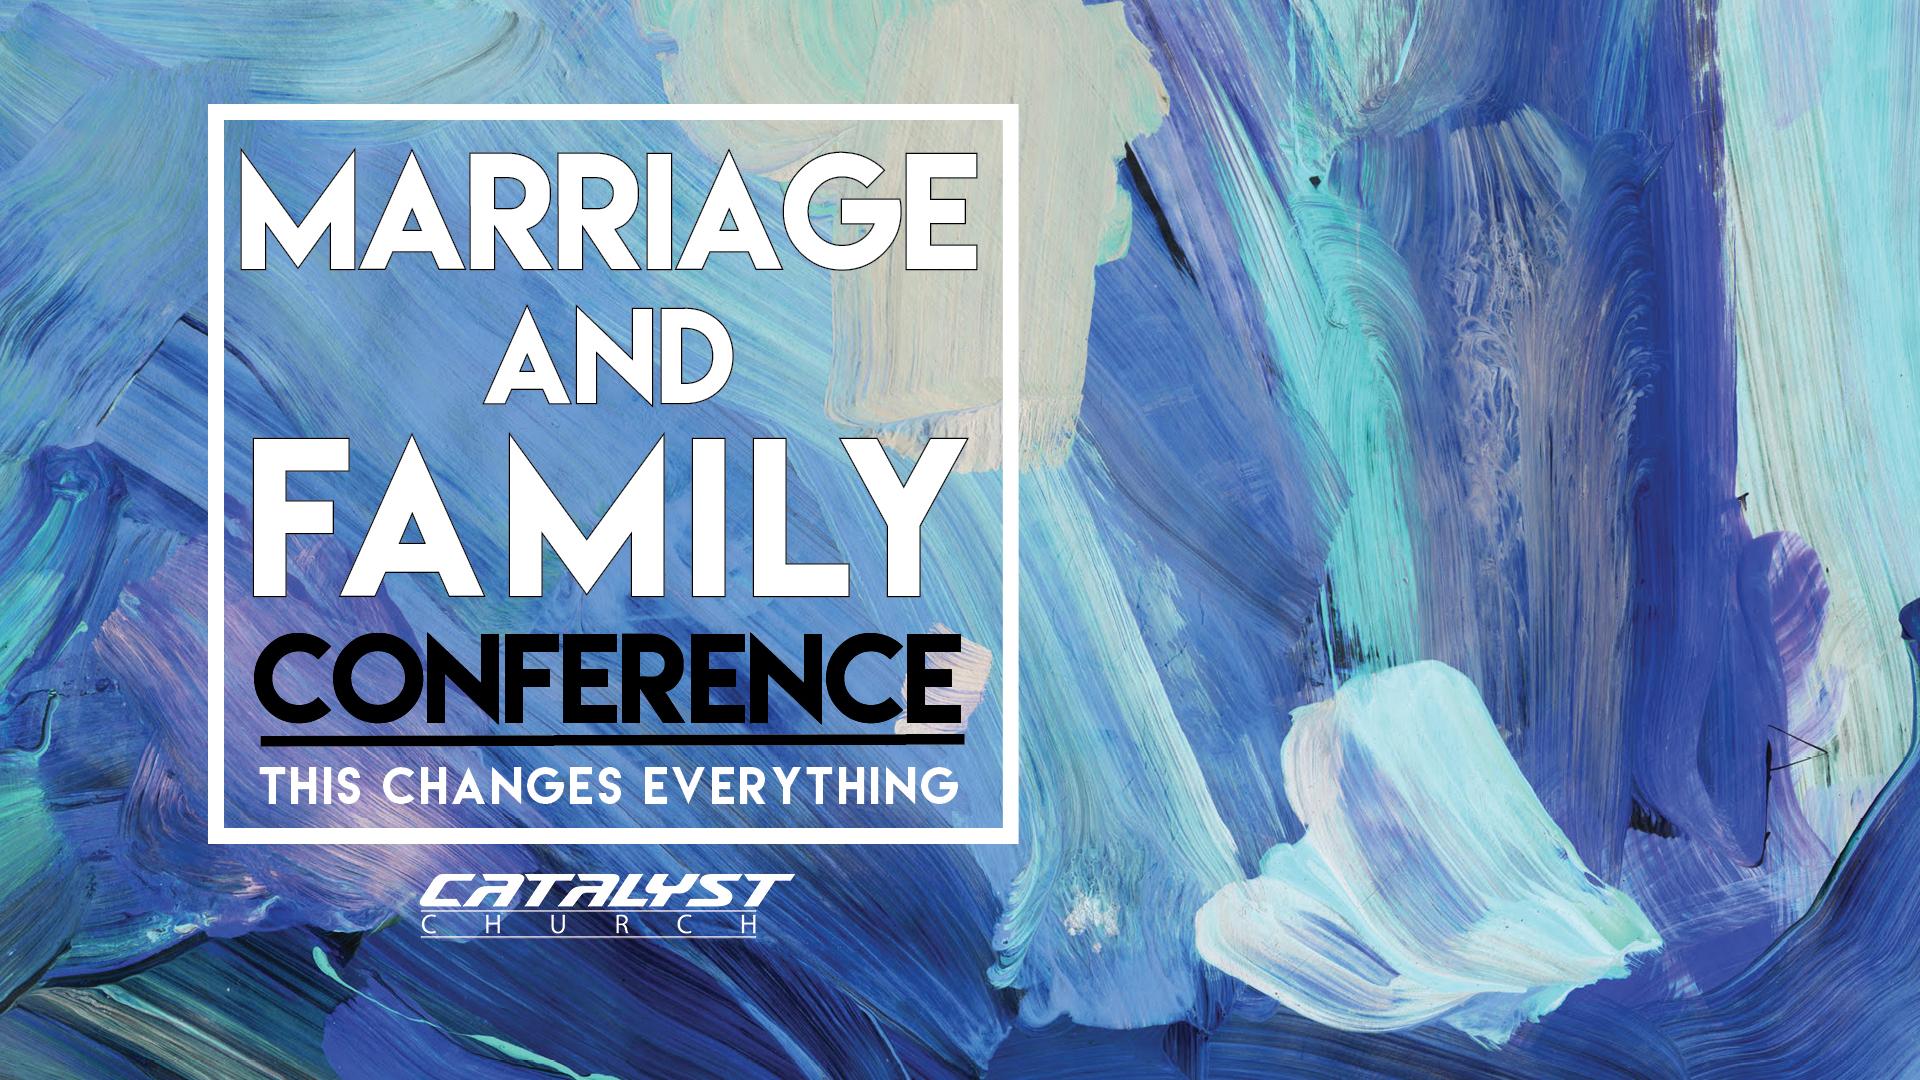 Conference tagline graphic